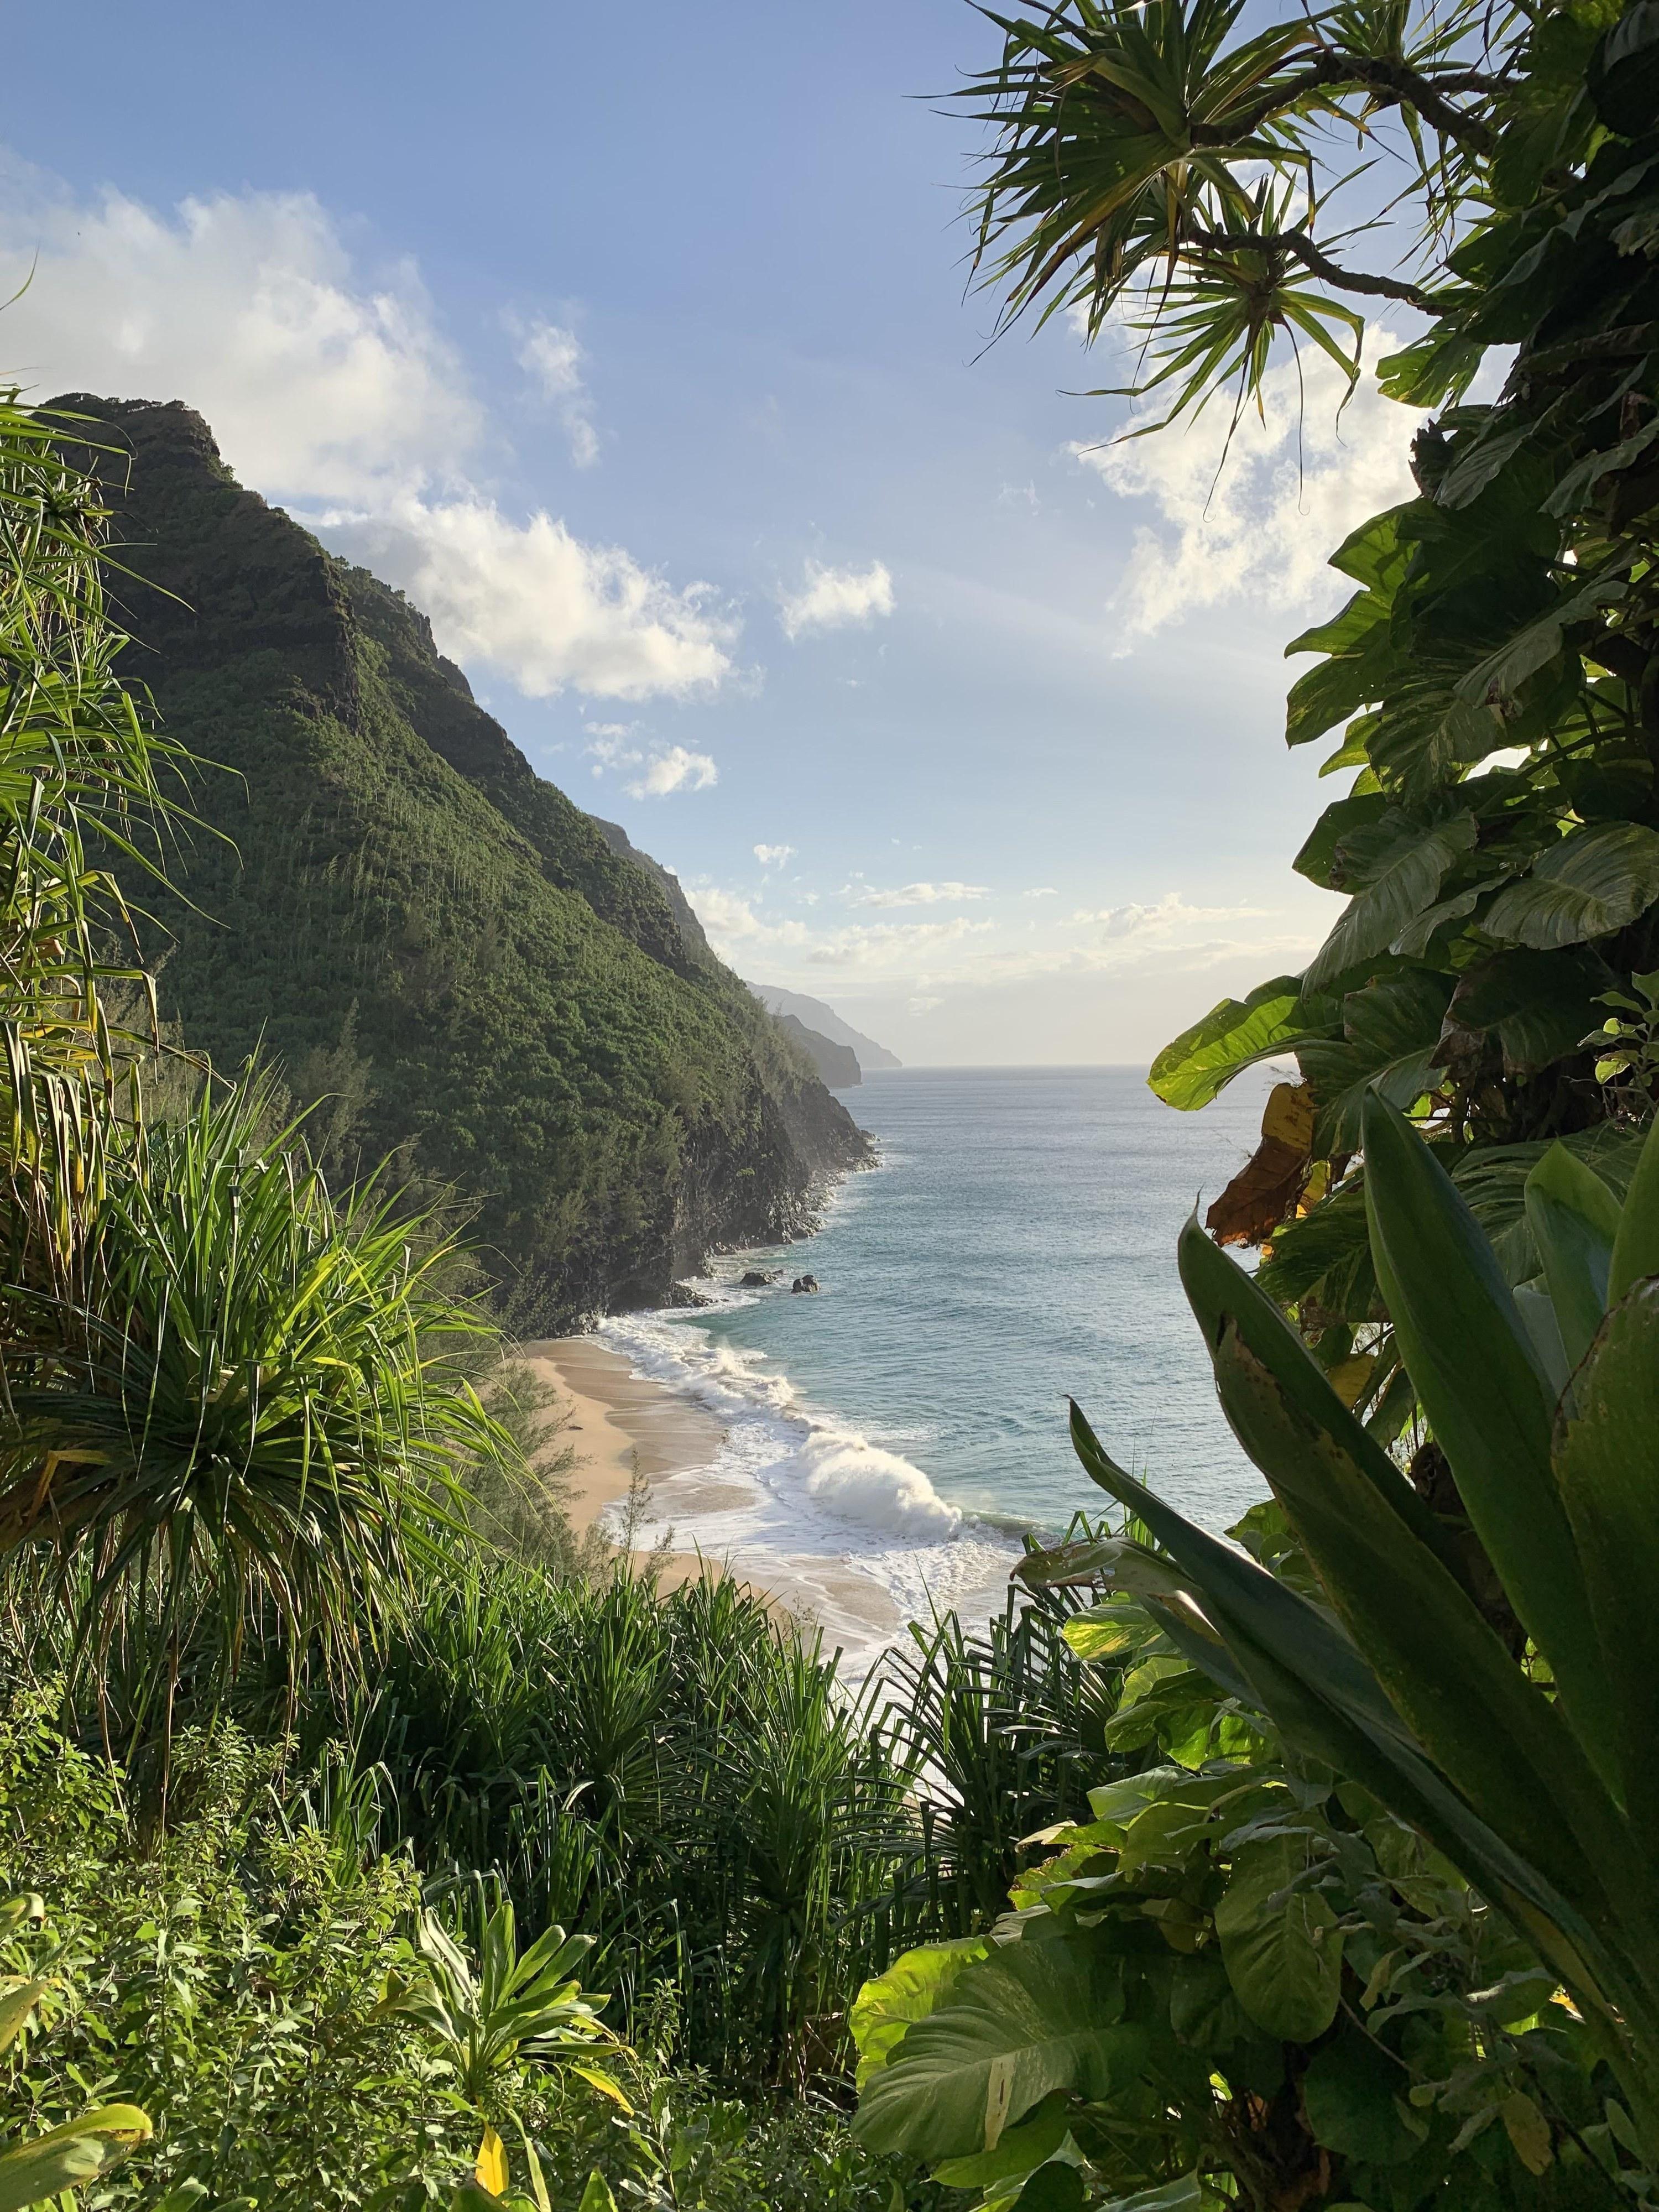 A hike with ocean views in Kauai